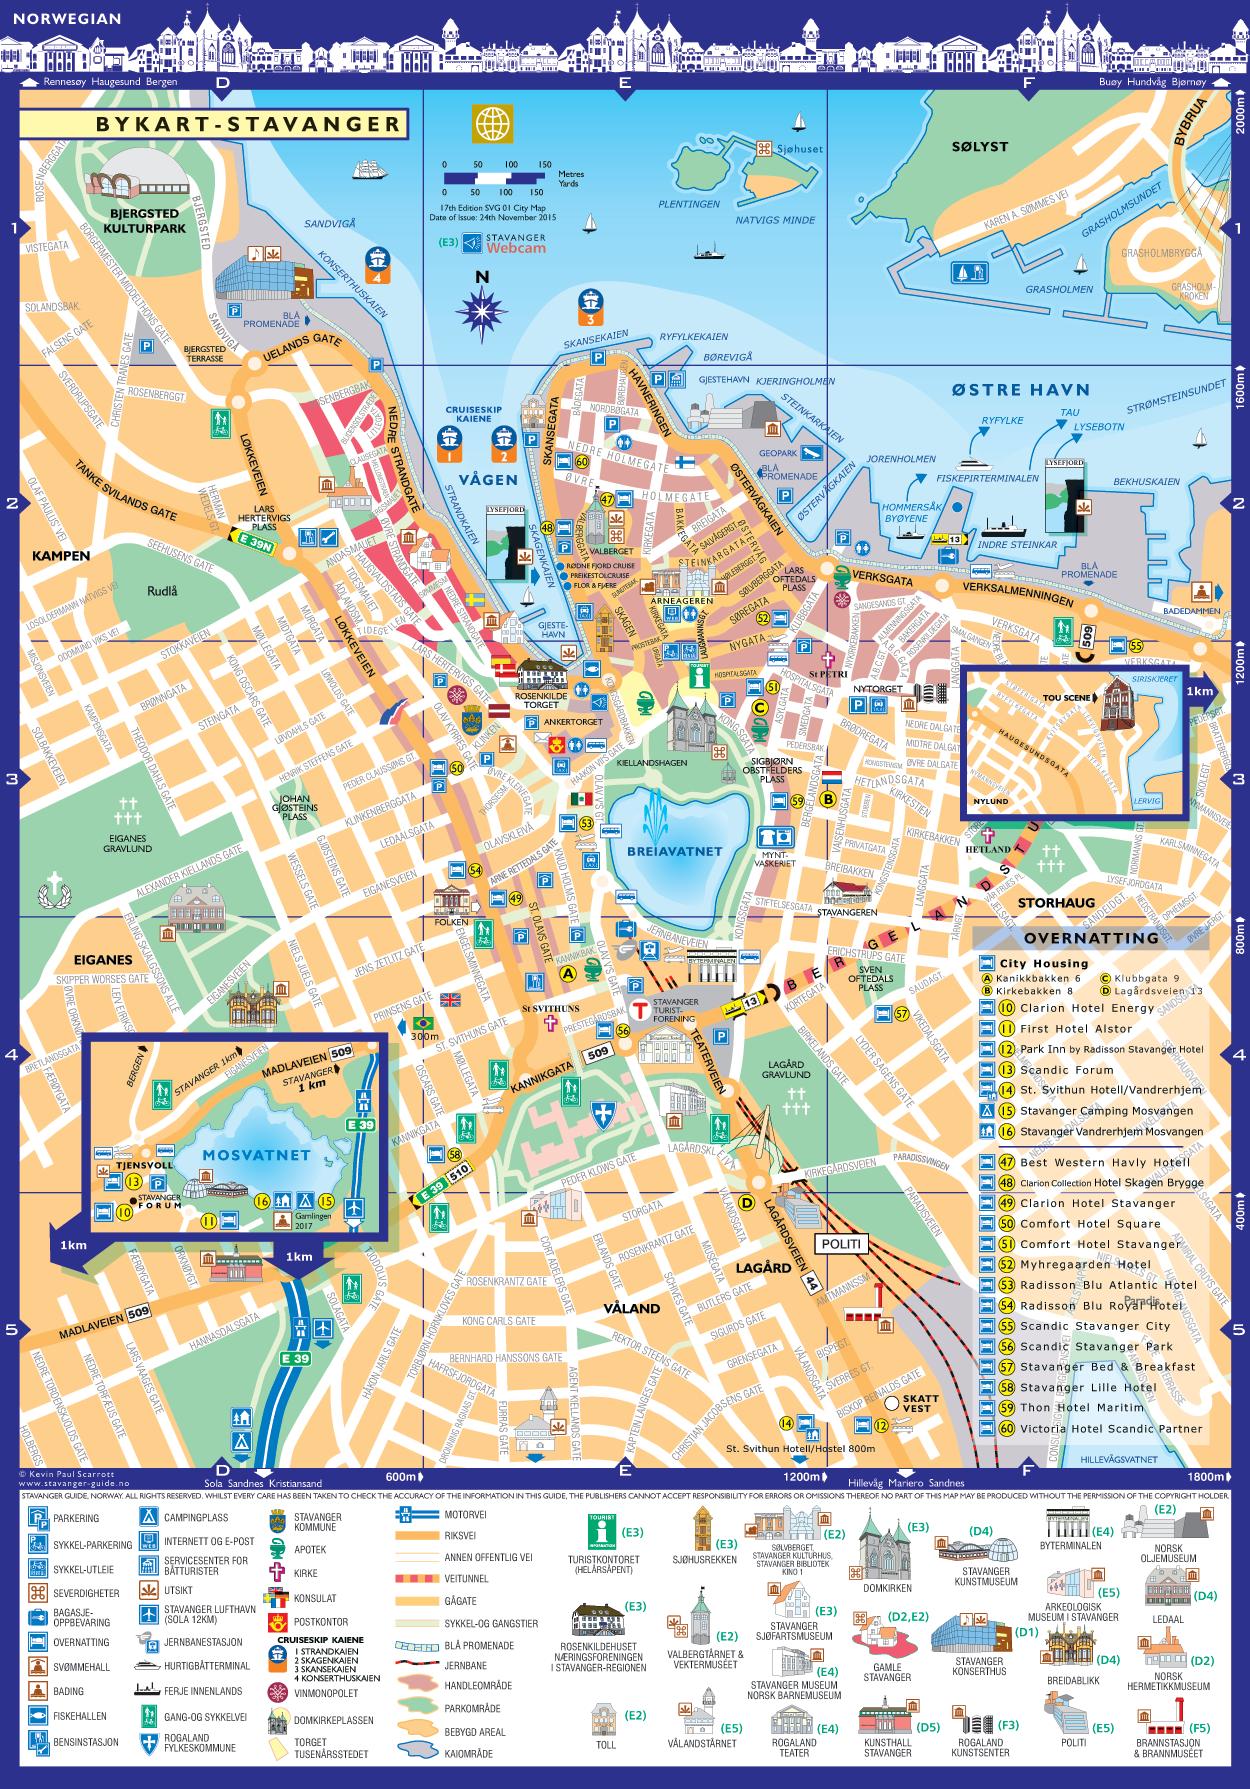 Stavanger bykart